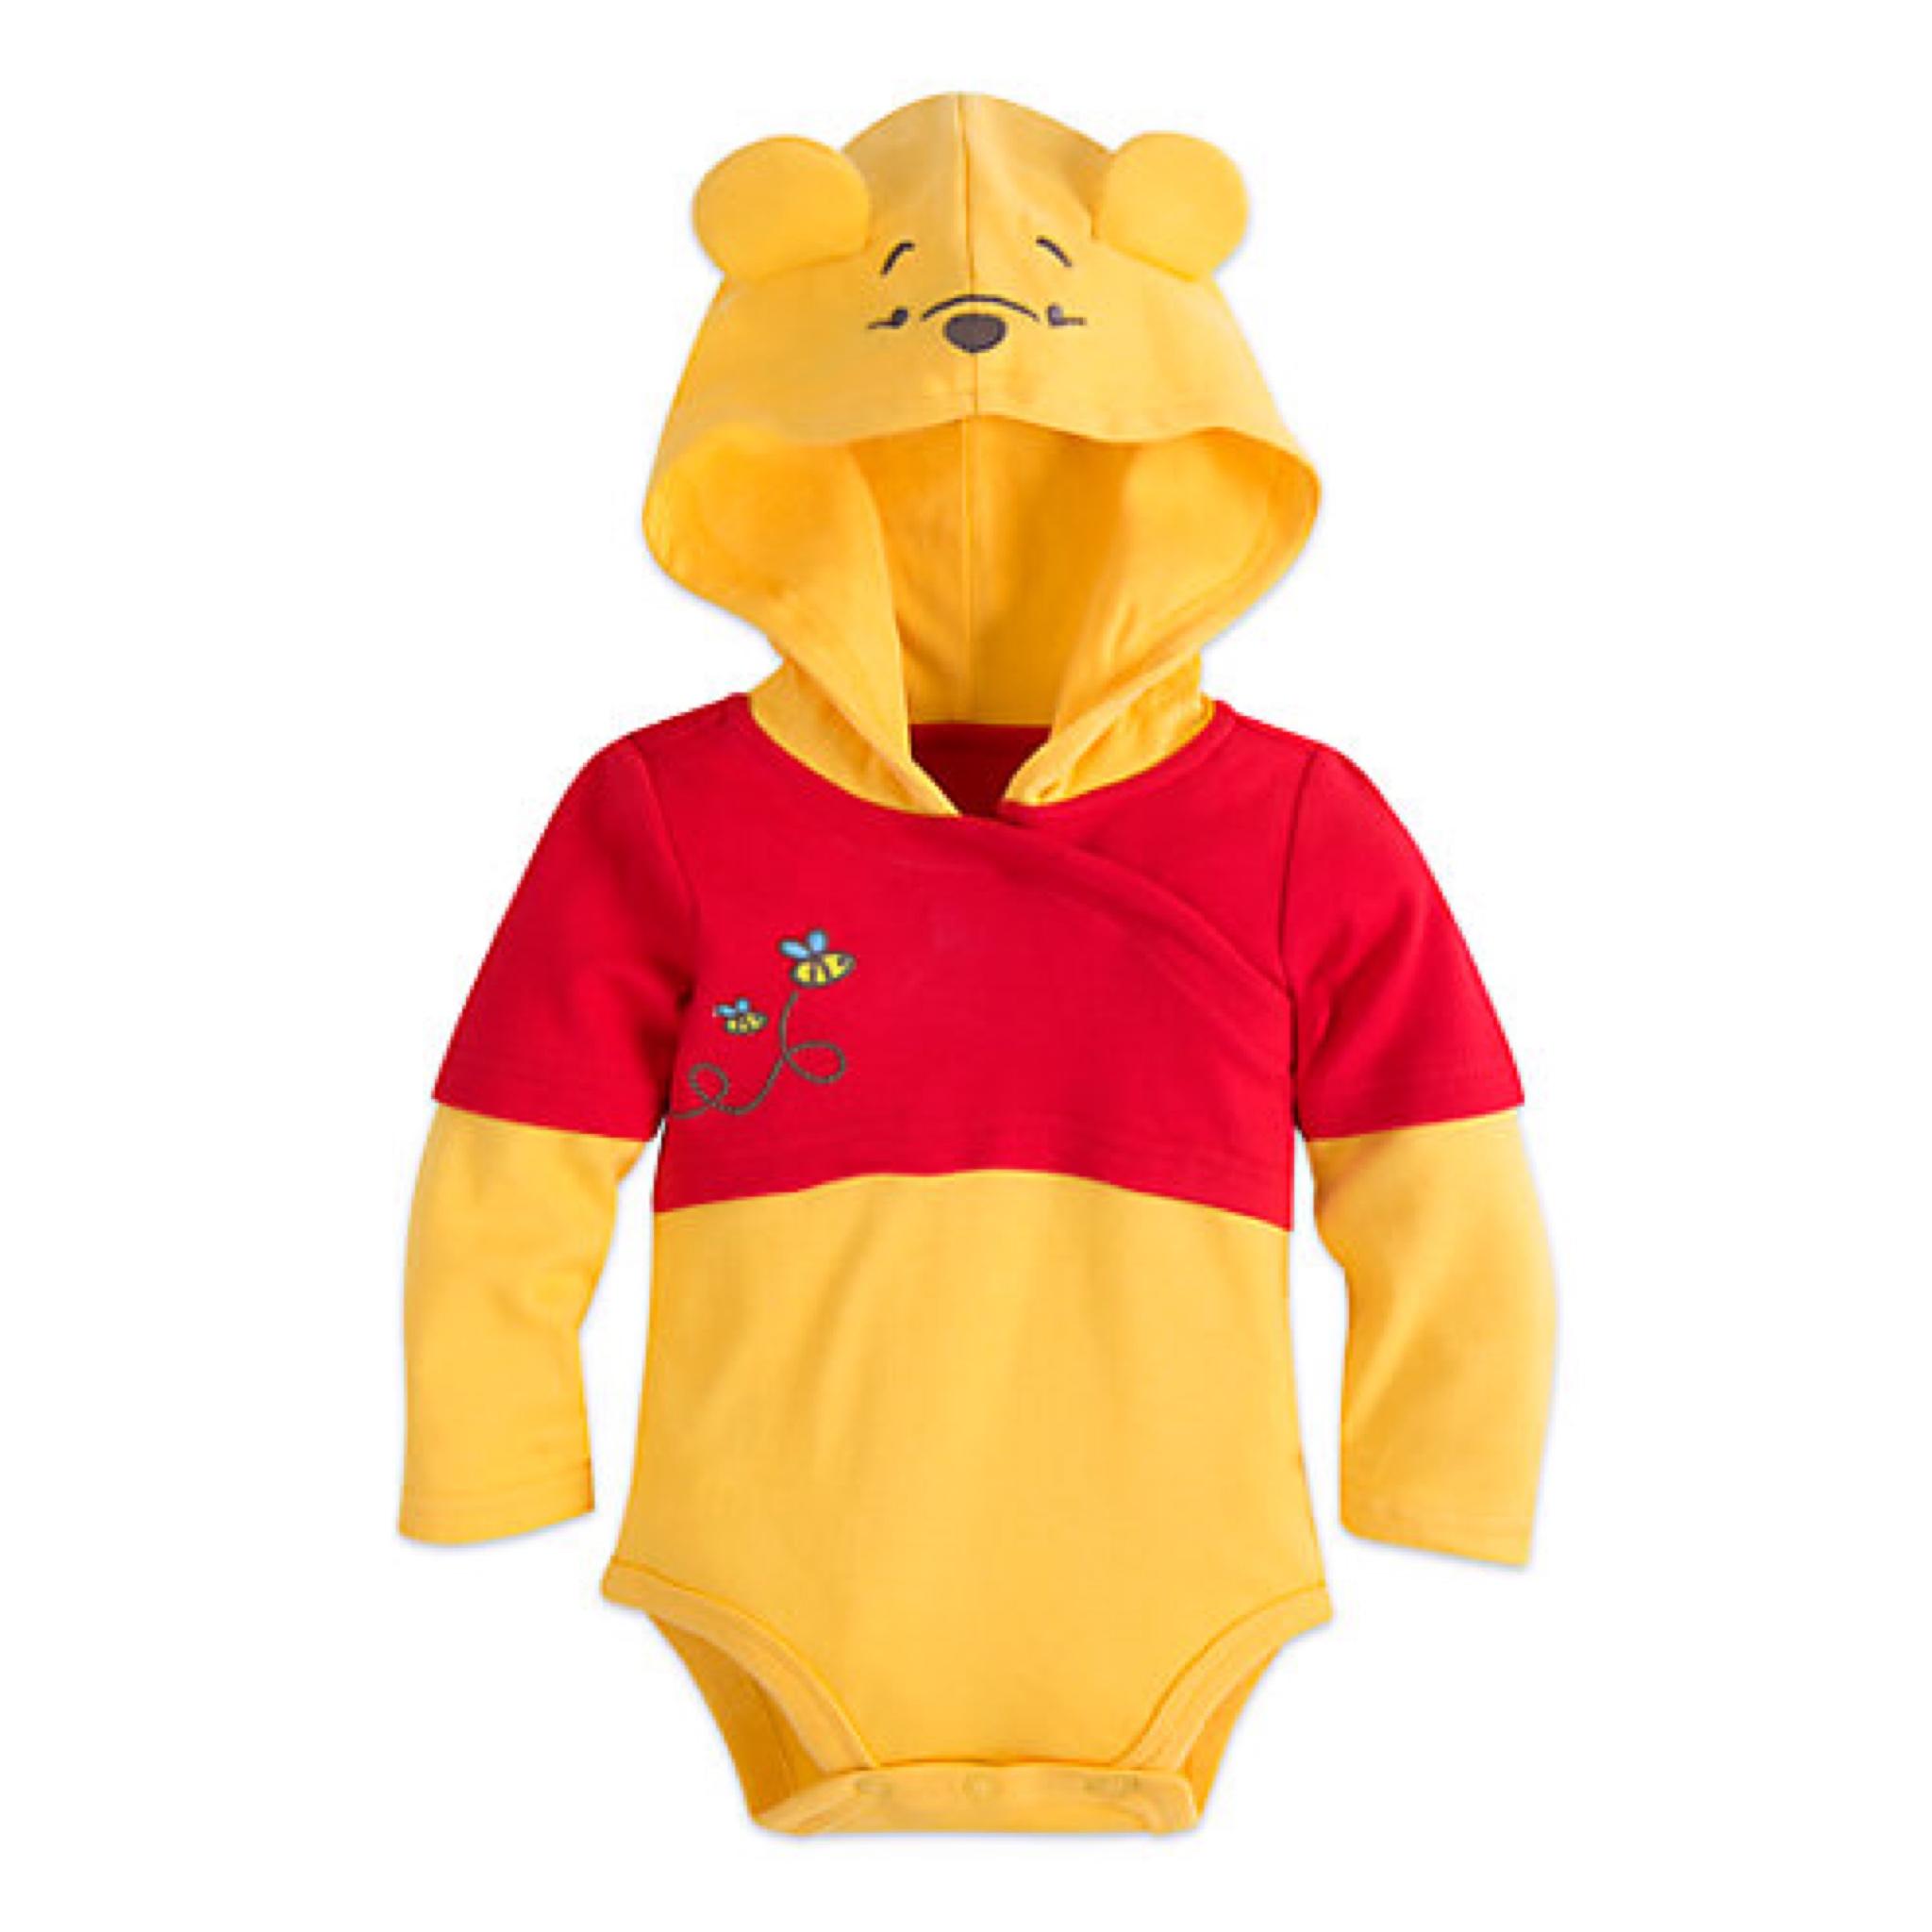 ชุดคอสตูมบอดี้สูทเบบี๋สุดน่ารัก Disney Baby Costume Body Suit (Winnie the Pooh)